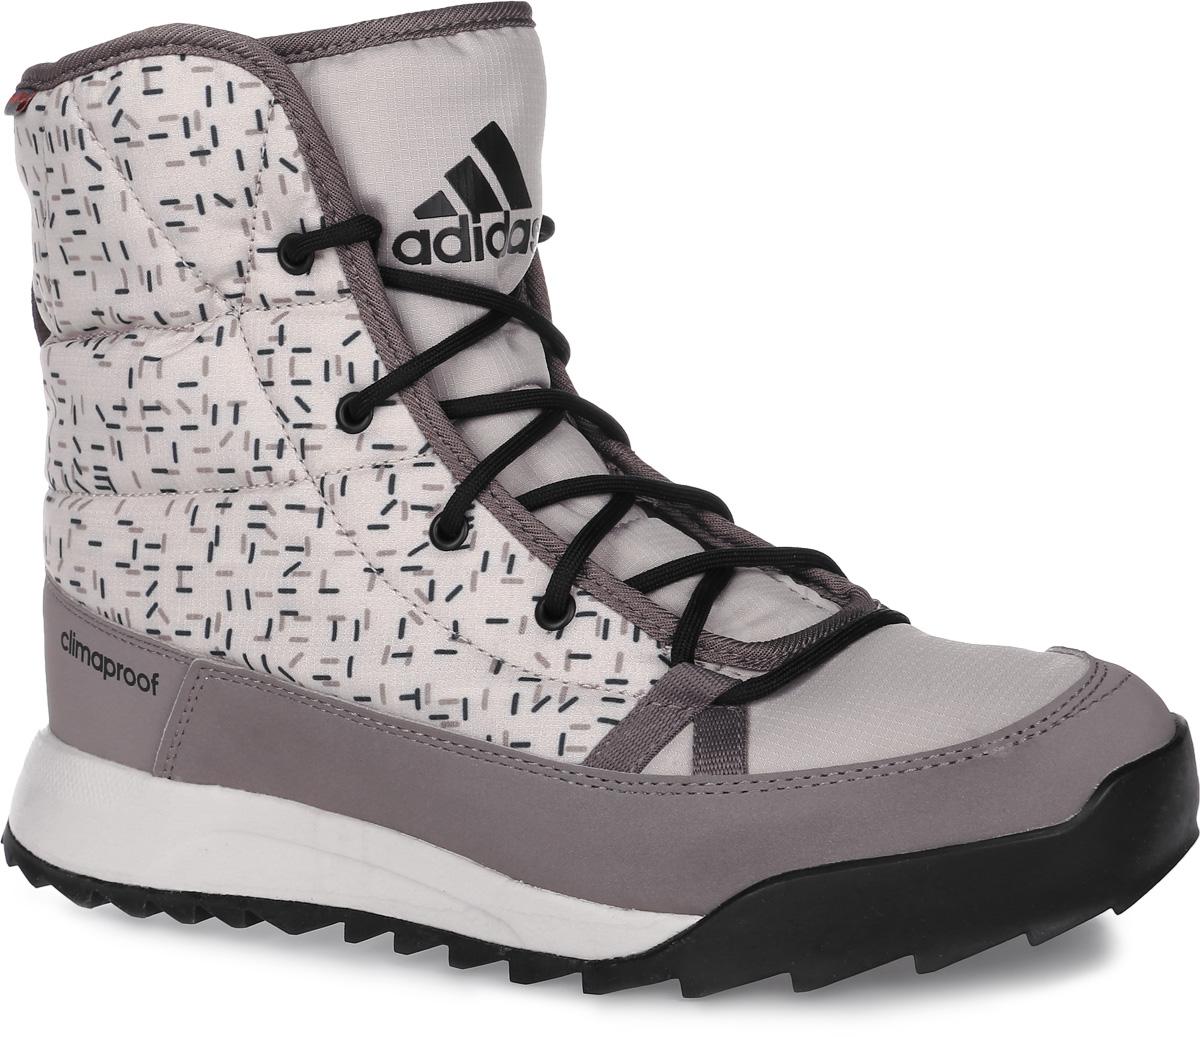 AQ2024Женские туристические ботинки CW Choleah Padded C от adidas, выполненные из водонепроницаемого материала Climaproof с утеплителем PrimaLoft сохранят ваши ноги в тепле и сухости на заснеженных тропах и холодных улицах. Высокотехнологичный синтетический наполнитель PrimaLoft продолжает греть даже во влажном состоянии. Текстильный верх с геометрическим принтом и дизайн адаптирован под особенности женской стопы. Модель дополнена вставками из синтетических материалов для износостойкости. Резиновая подошва Traxion с глубоким протектором для оптимального сцепления сохраняет свои свойства в течение долгого времени.